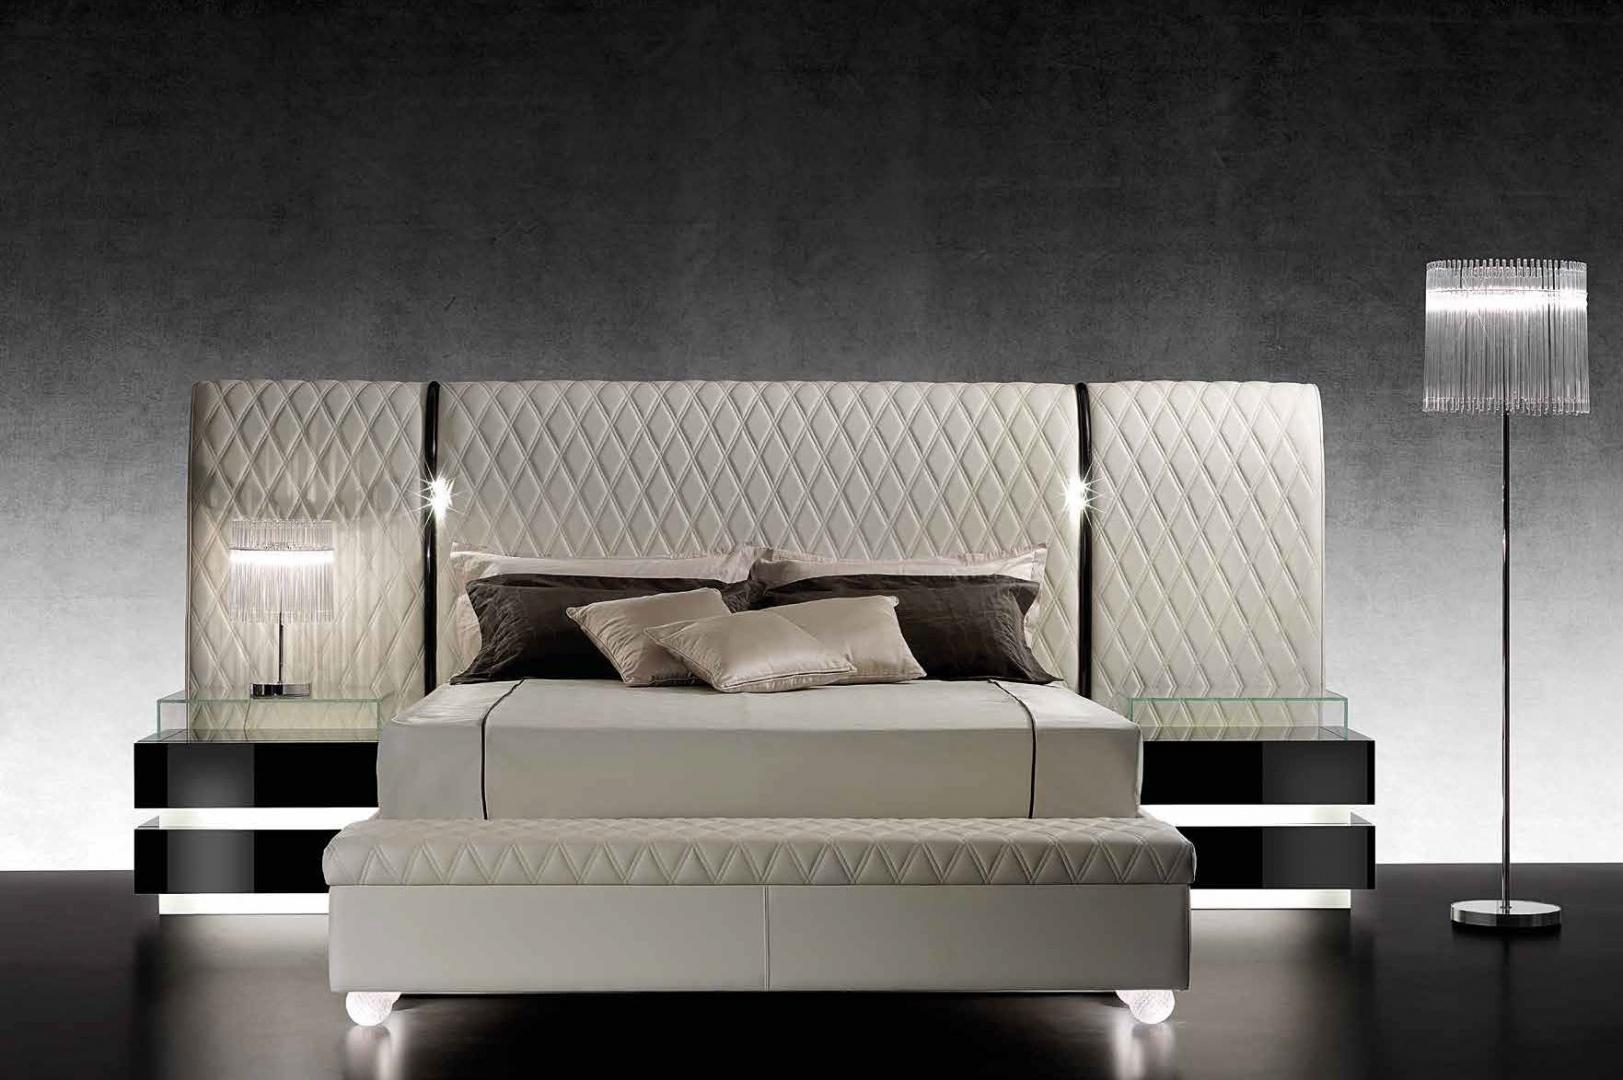 Sypialnia w stylu glamour. Piękne łóżka w jasnych kolorach ...